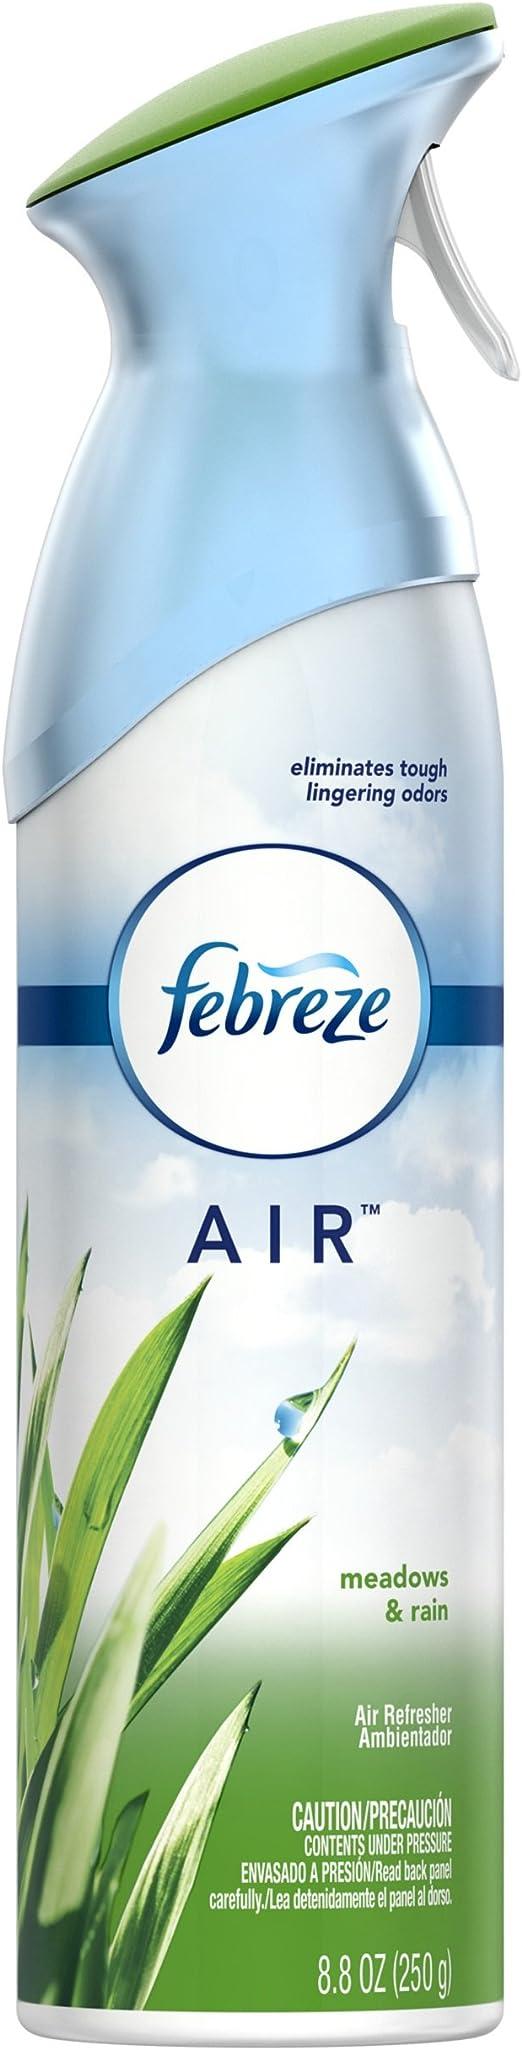 Febreze AIR Effects Air Freshener Meadows & Rain, 8.8 oz (Pack of 6)